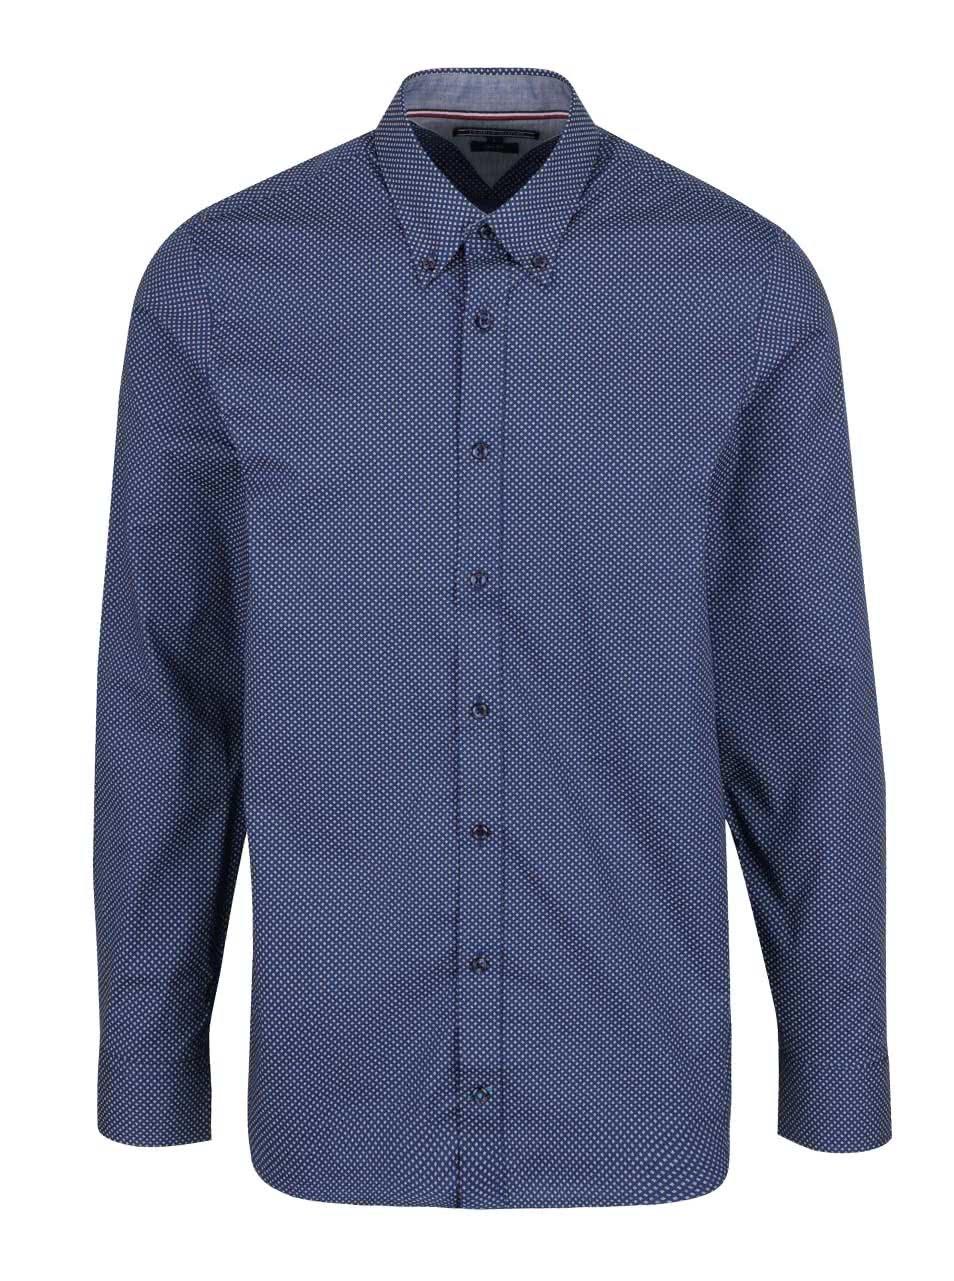 32f3c7f89e7 Bílo-modrá pánská vzorovaná slim fit košile Tommy Hilfiger ...